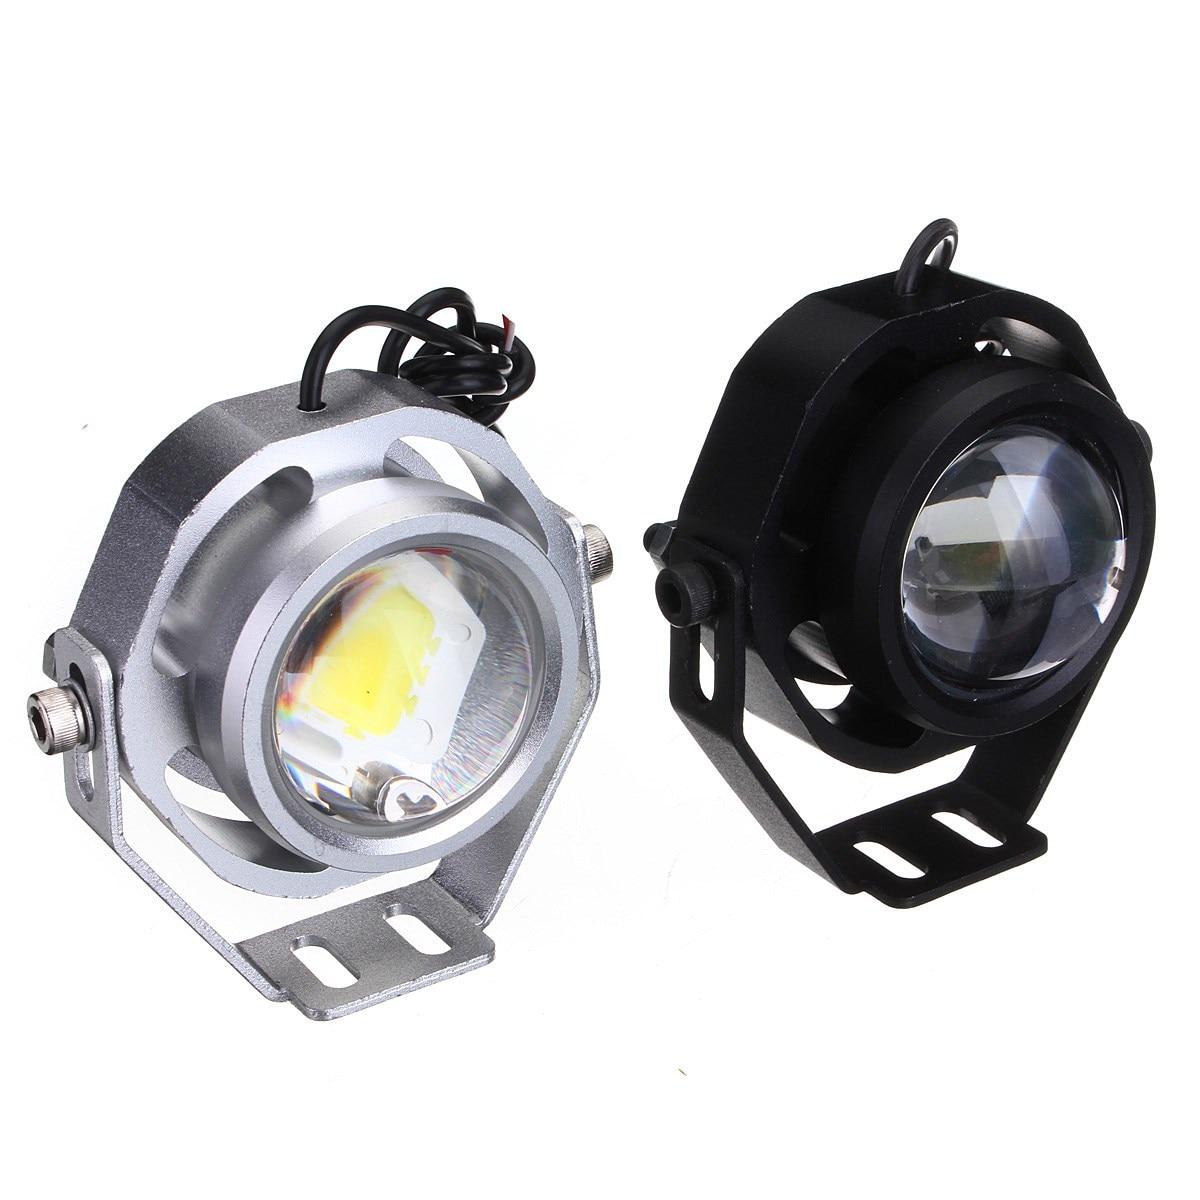 Projector Cob LED Fog DRL Spot Lights Angel Eyes 2400 Lumens 12V For Hummer 2016